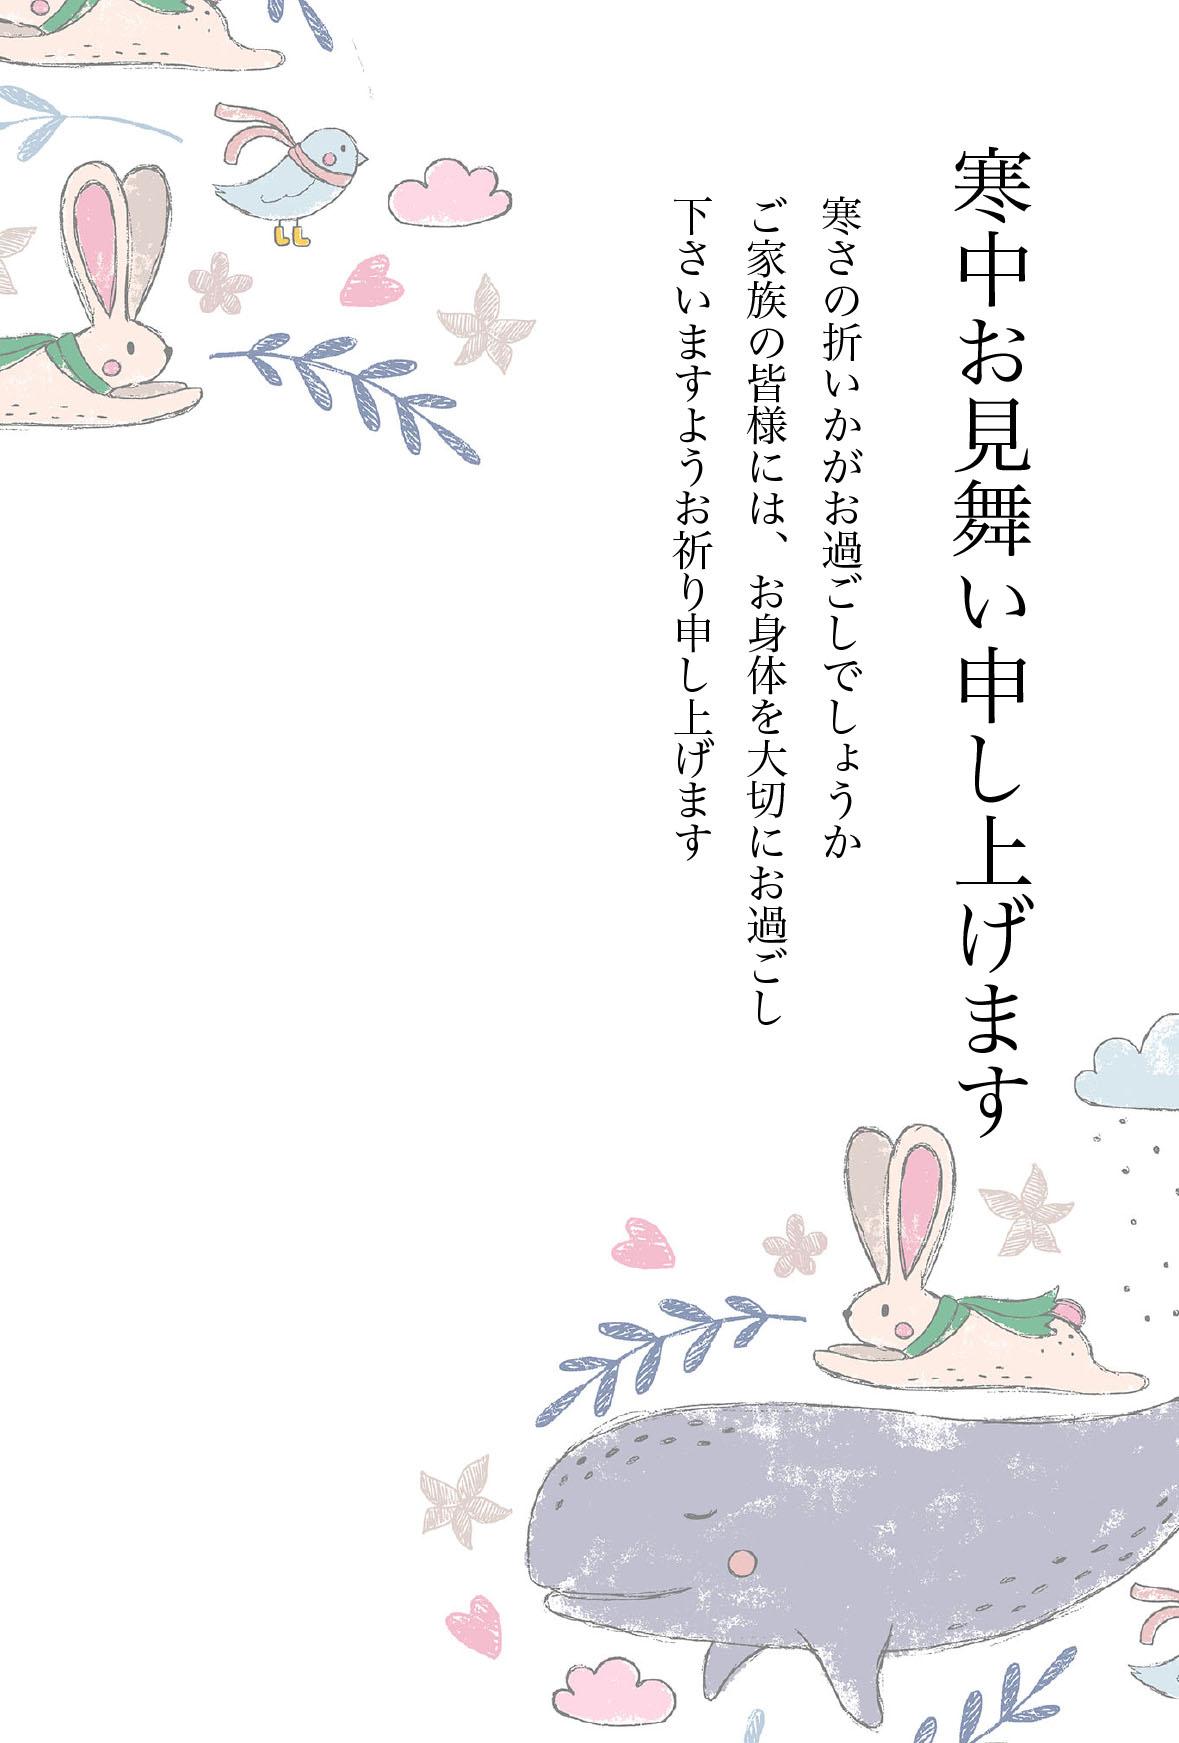 pdf complete ダウンロード フリー